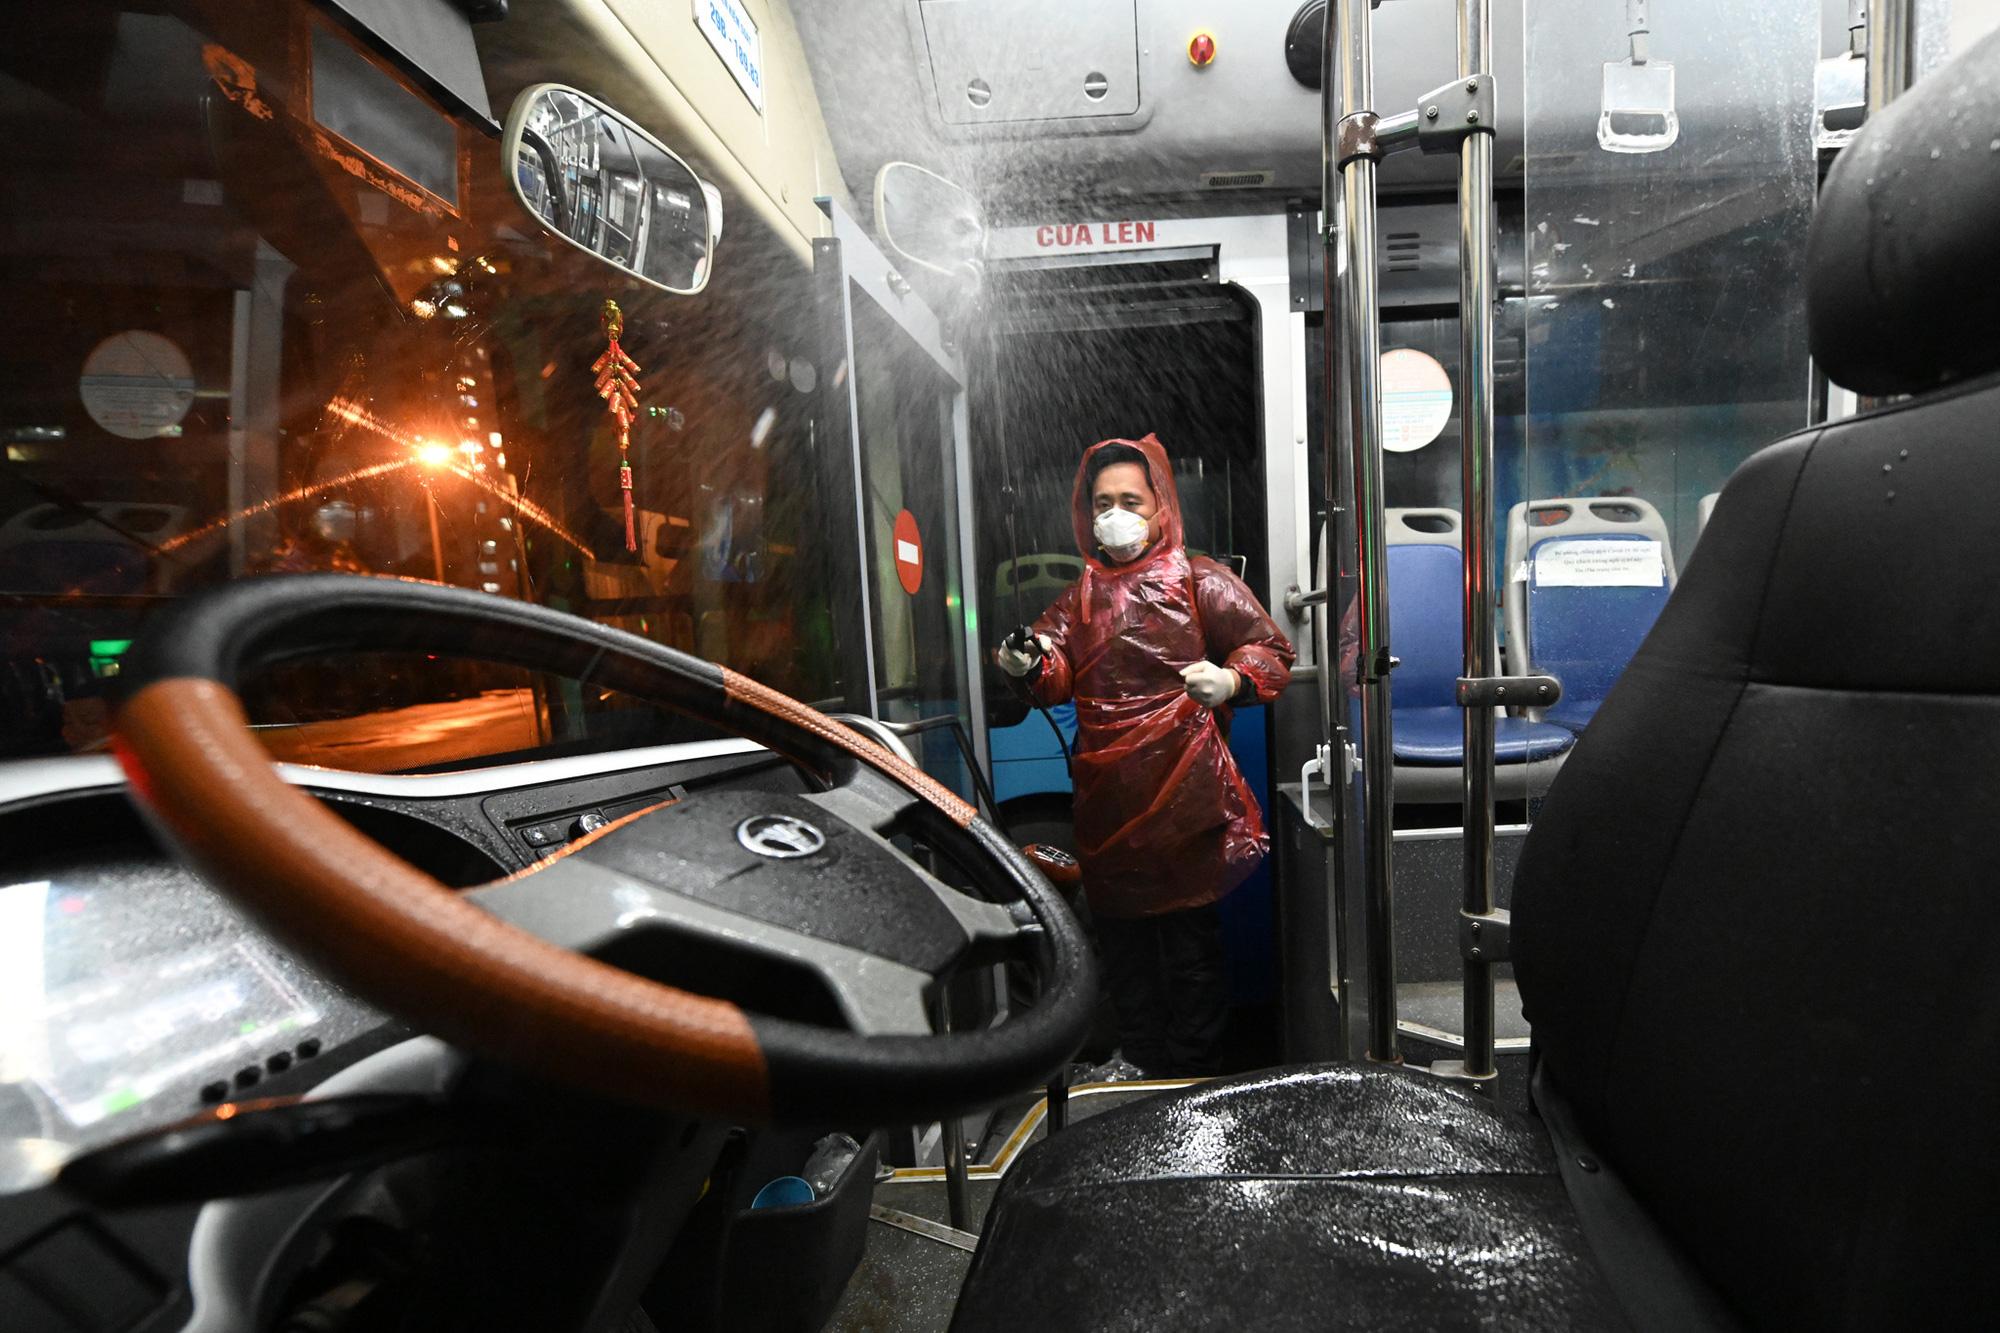 [ẢNH] Vẻ đẹp của gần 200 xe buýt tập kết về bến xếp hàng trong đêm - Ảnh 12.